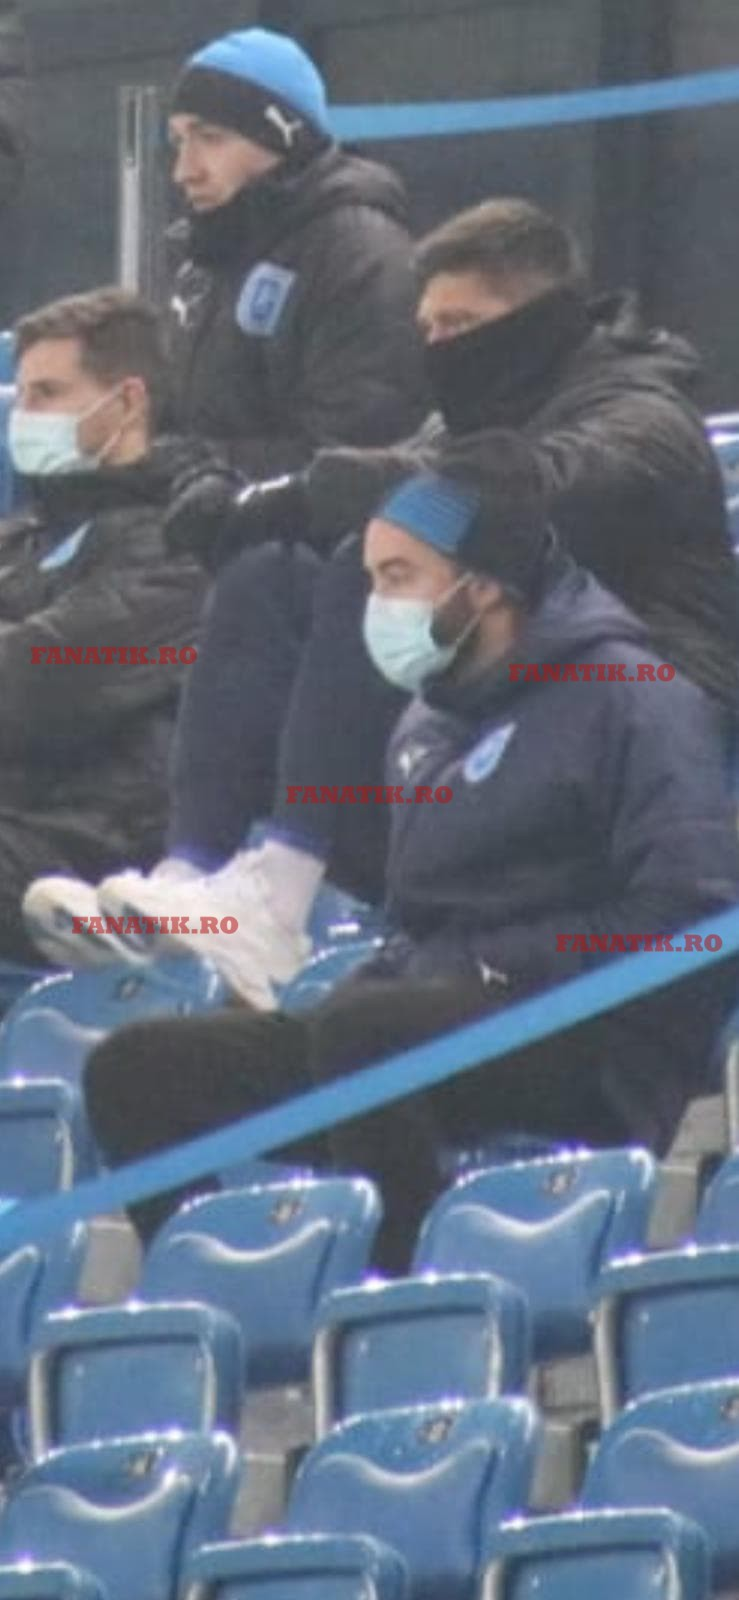 Rui Santos, în tribunele stadionului Ion Oblemenco la meciul cu Sepsi. FOTO: fanatik